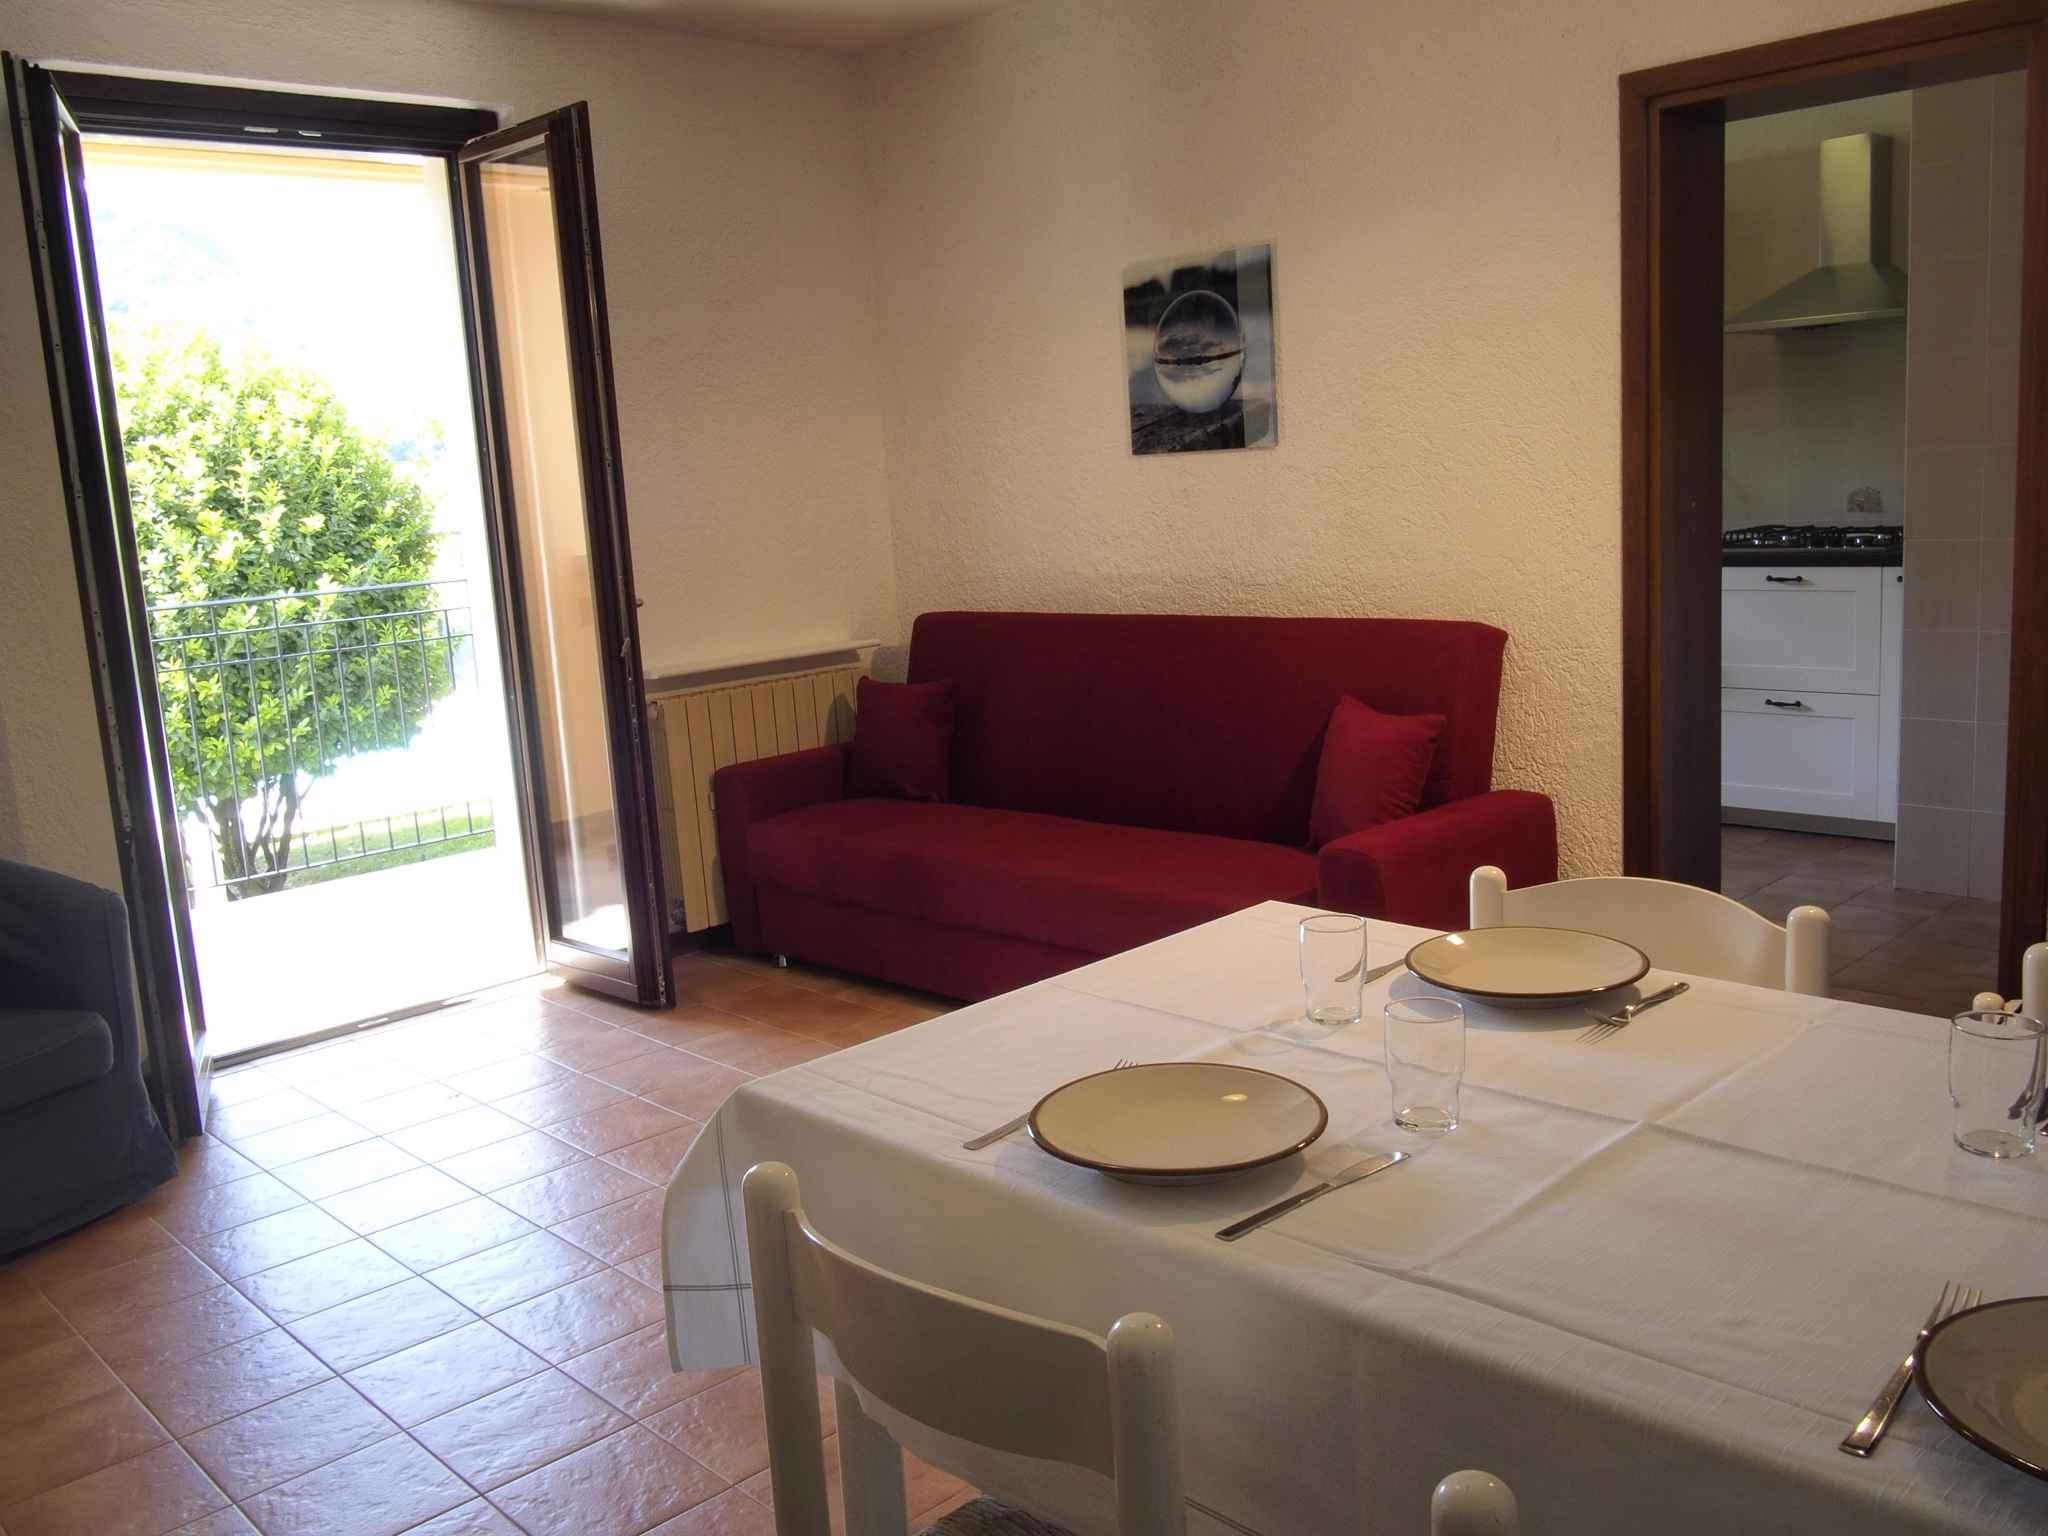 Ferienwohnung mit Balkon (279542), Garda, Gardasee, Venetien, Italien, Bild 20